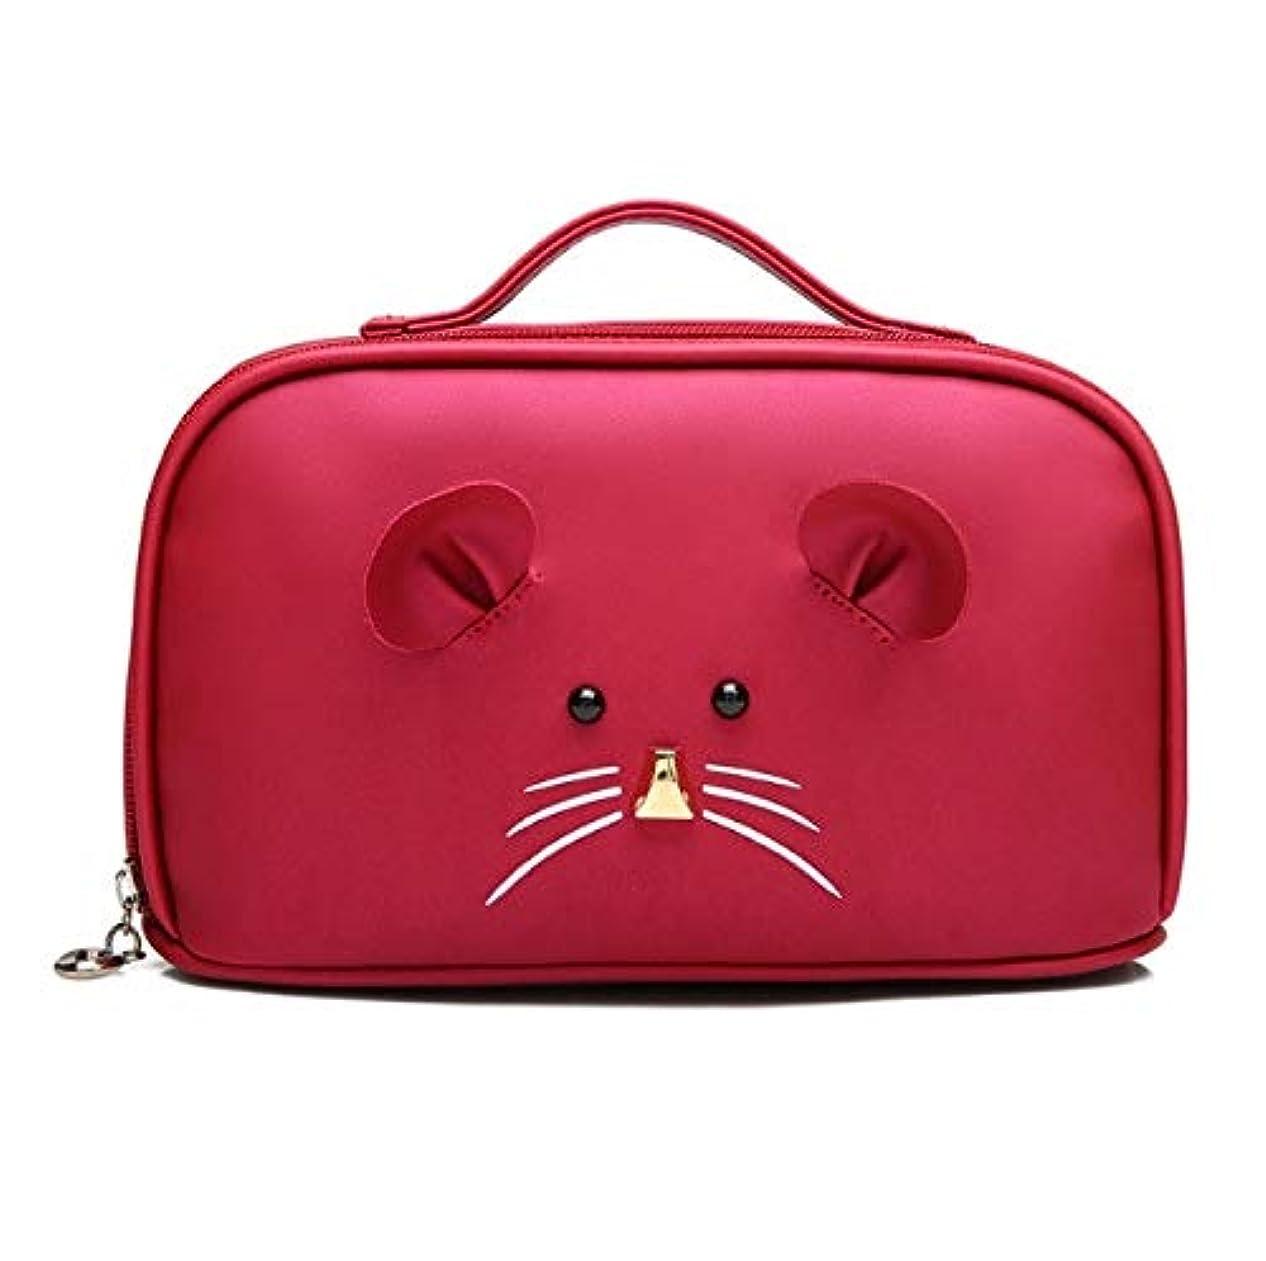 警報機密明確に化粧箱、大容量漫画マウス化粧品ケース、ポータブル旅行化粧品ケース、美容ネイルジュエリー収納ボックス (Color : Red)